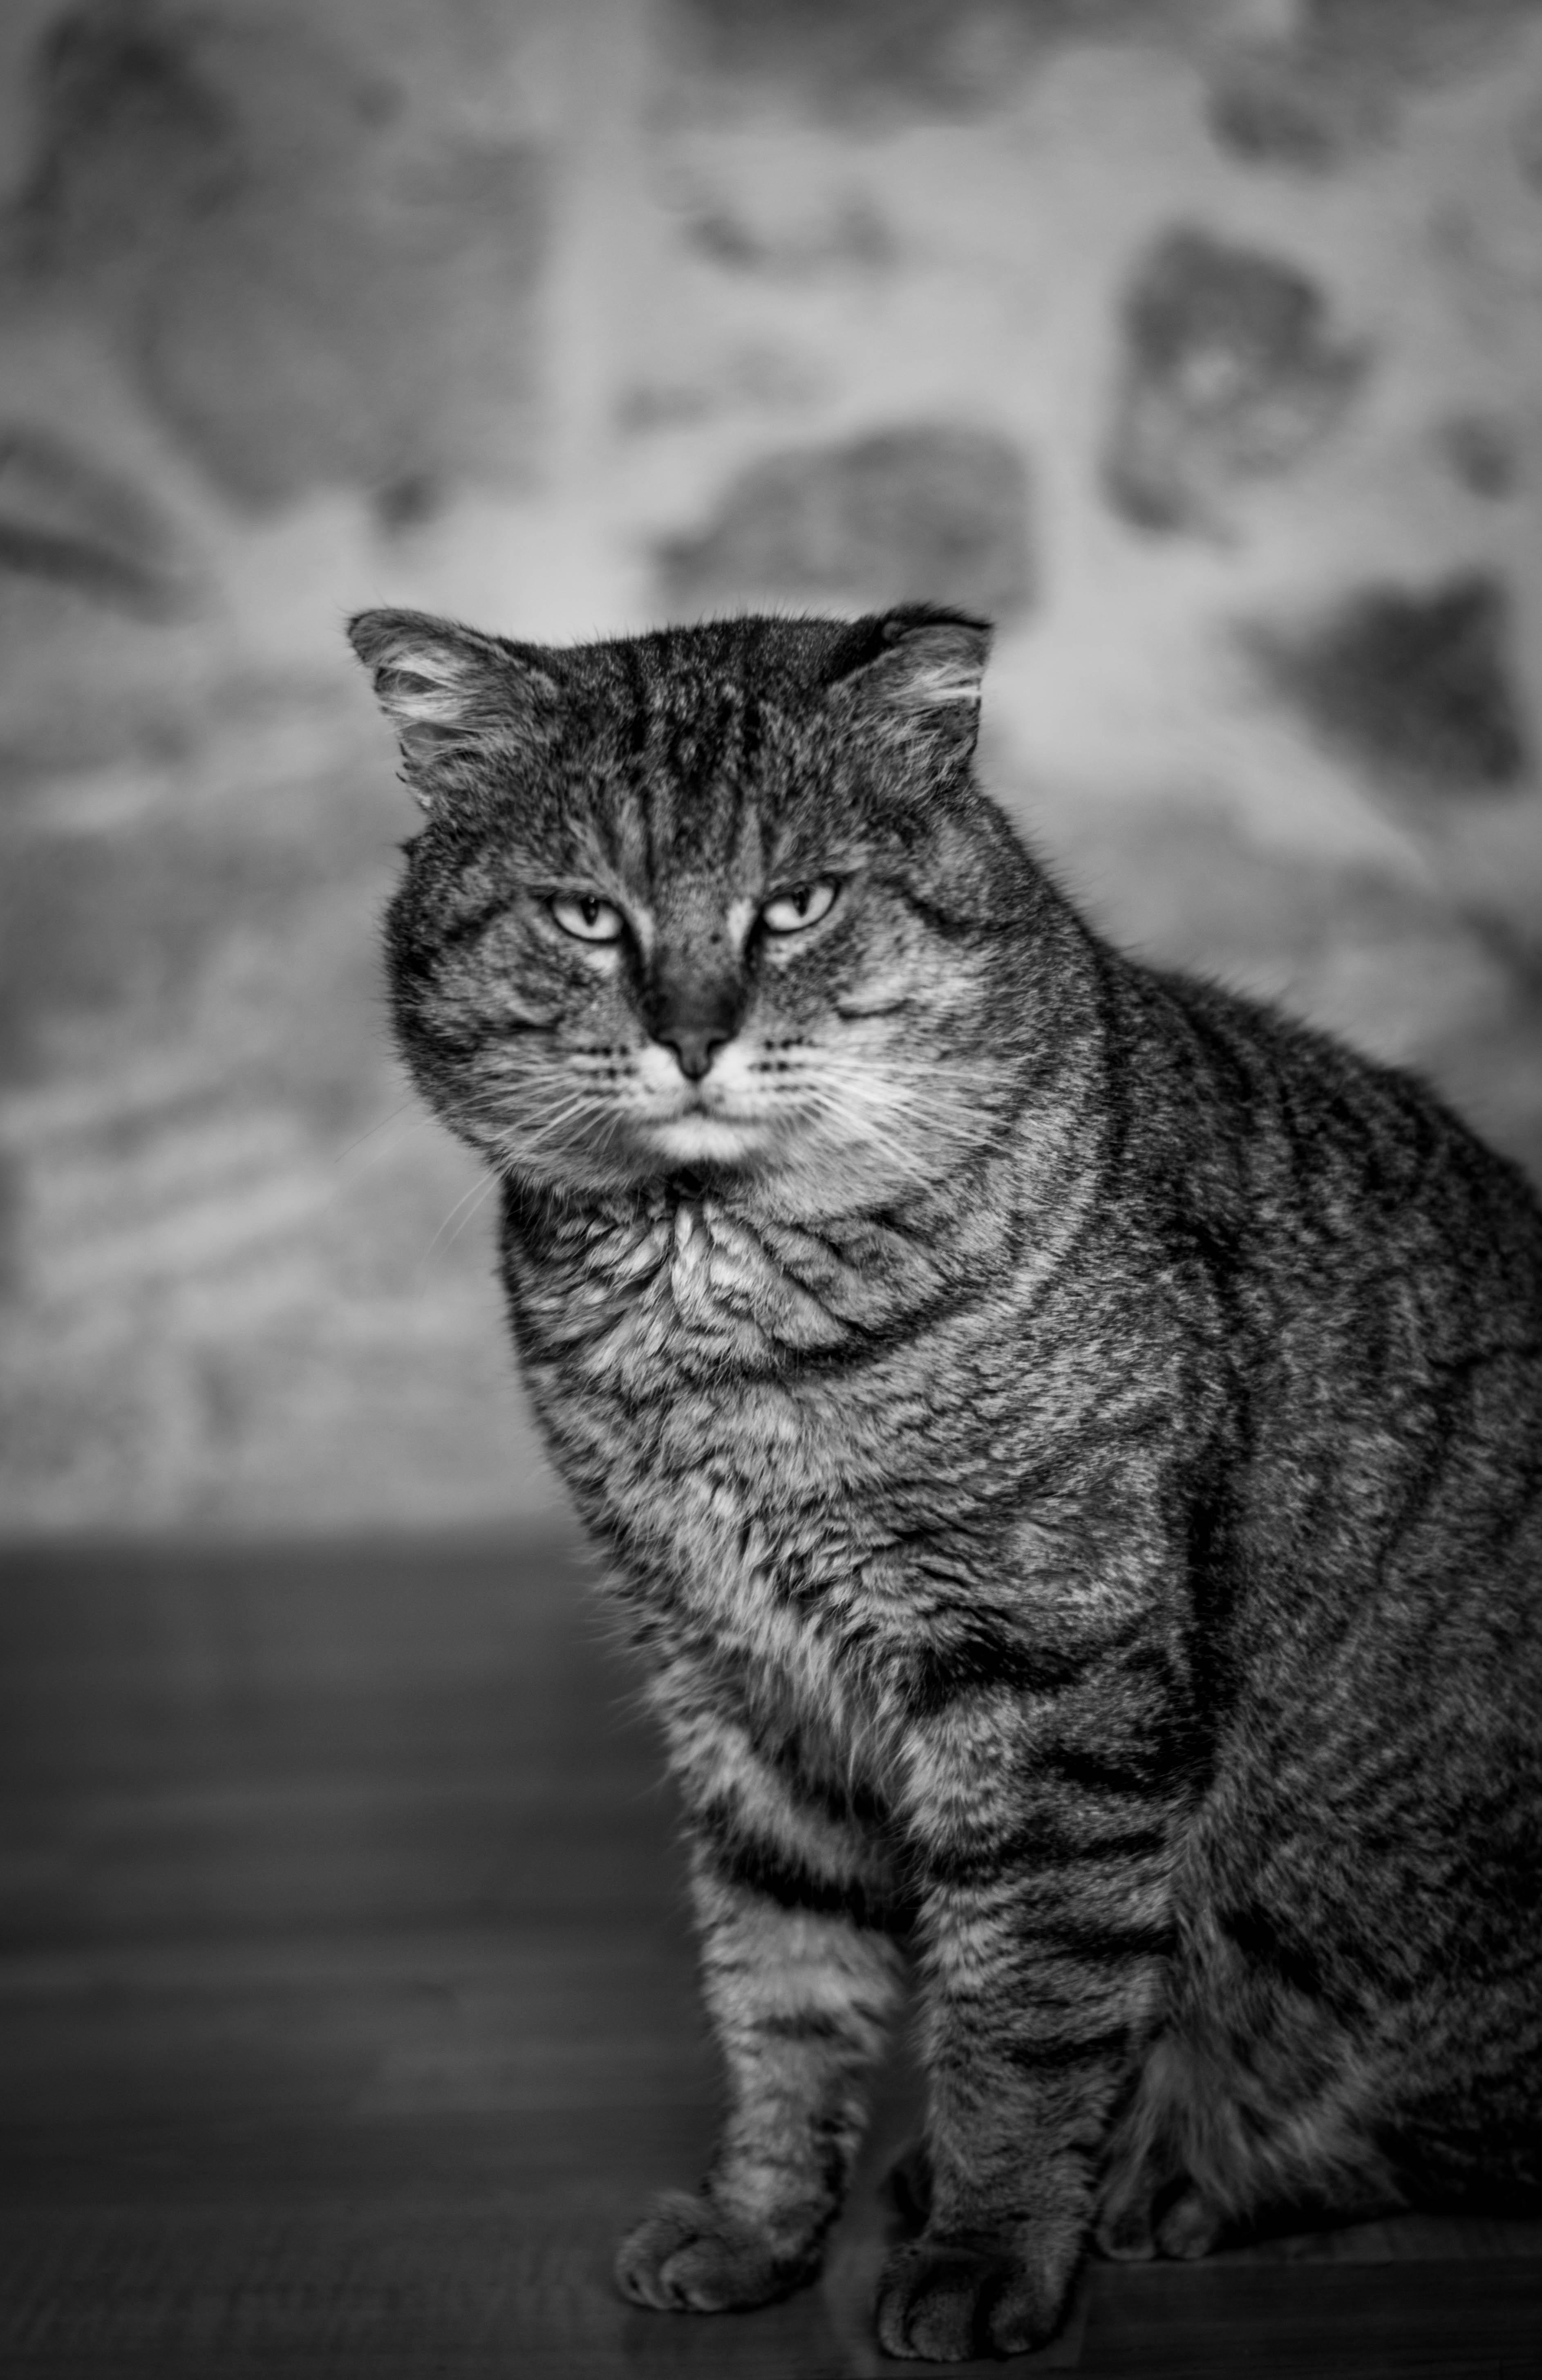 Darmowe Zdjęcia Czarny I Biały Kotek Monochromia Fauna Wąsy